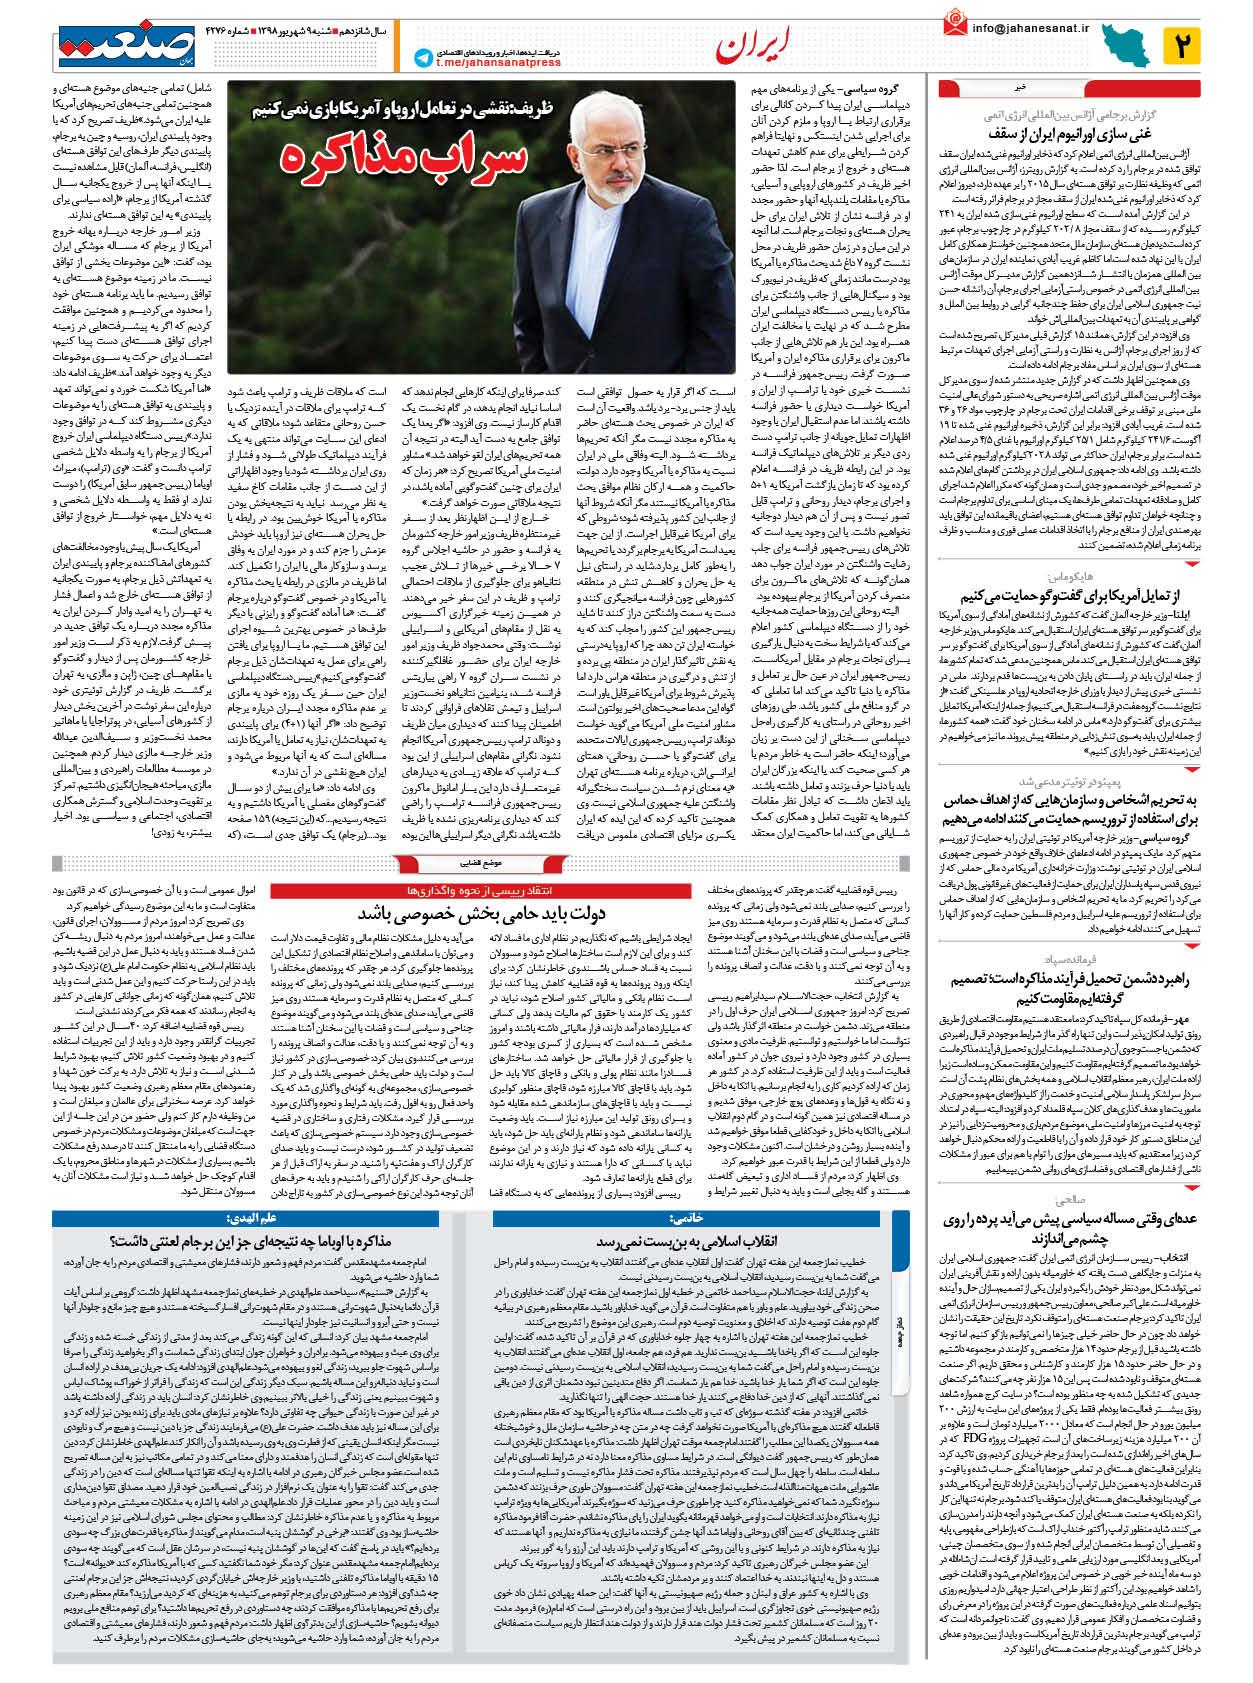 صفحه ۰۲ – ۰۹ شهریور ۱۳۹۸